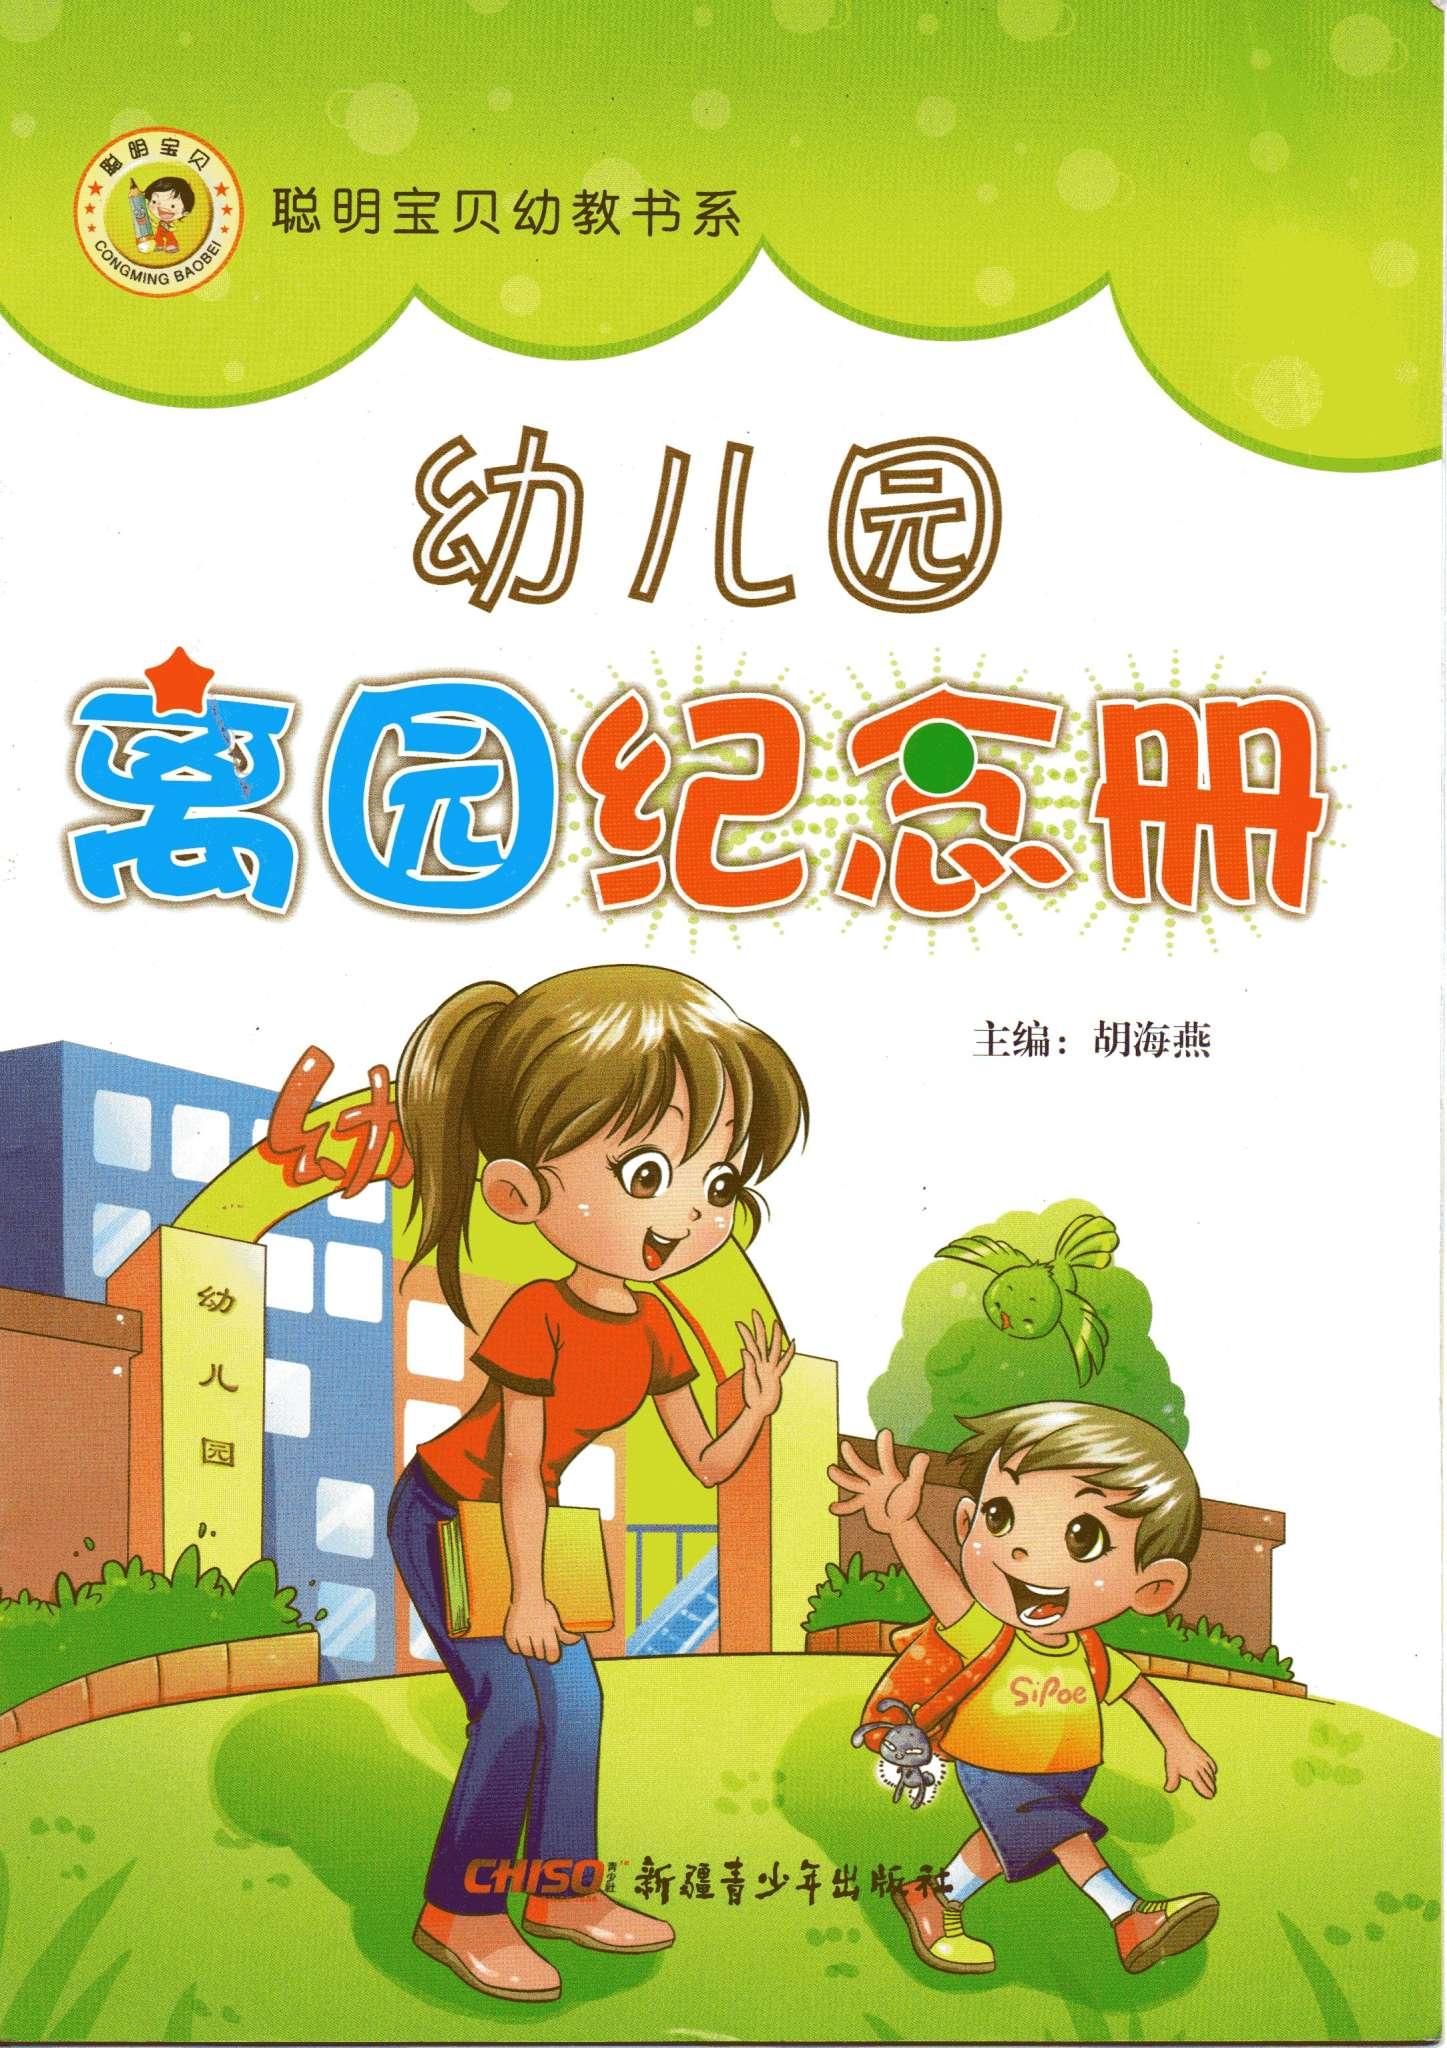 幼儿园离园纪念册 - 贵州德信文化教育科技欢迎您!